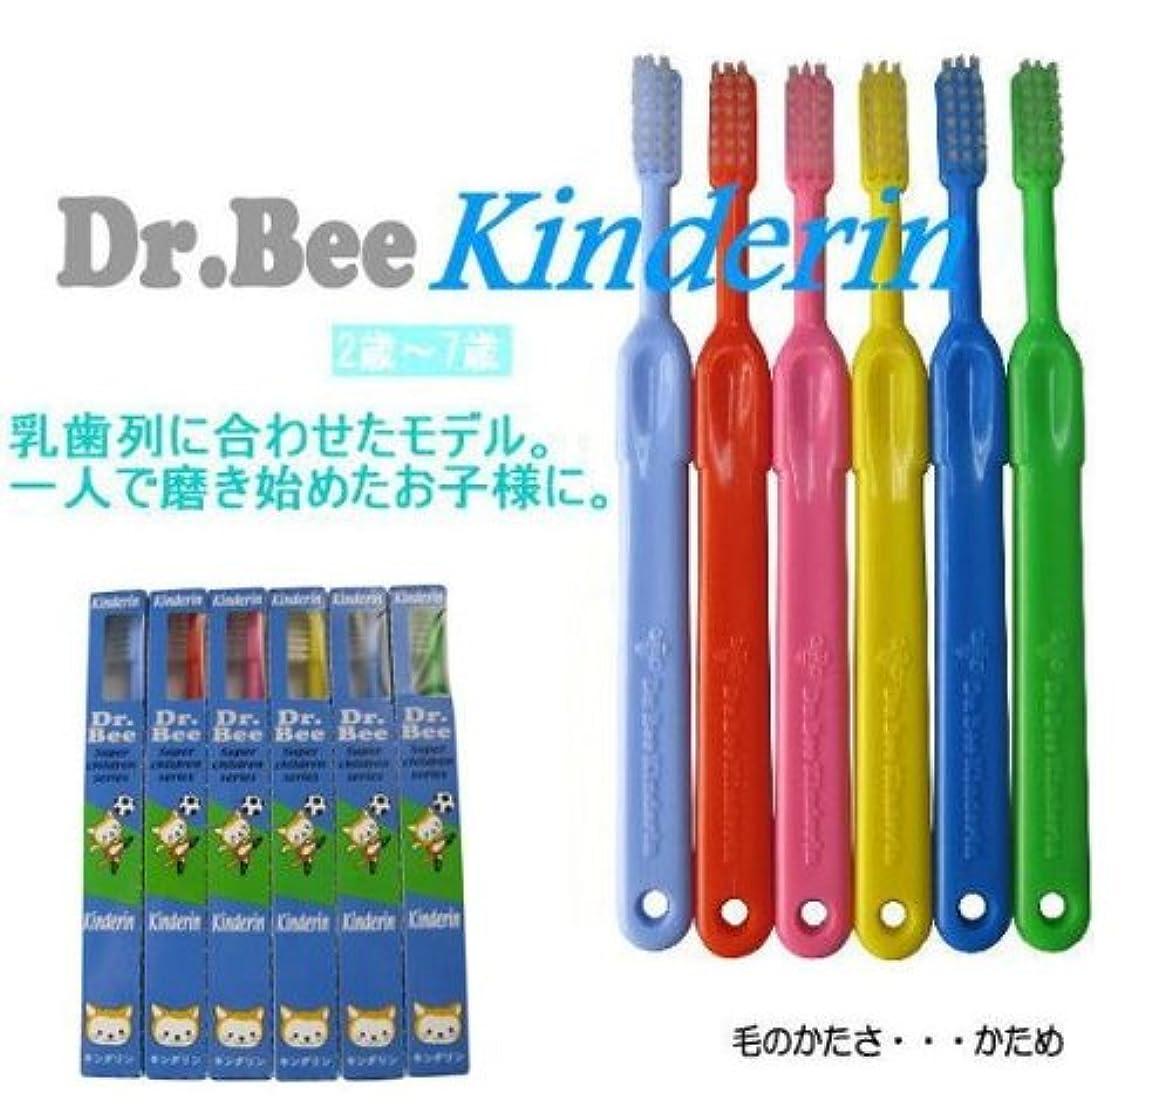 自転車幼児最初はBeeBrand Dr.BEE 歯ブラシ キンダリン かため